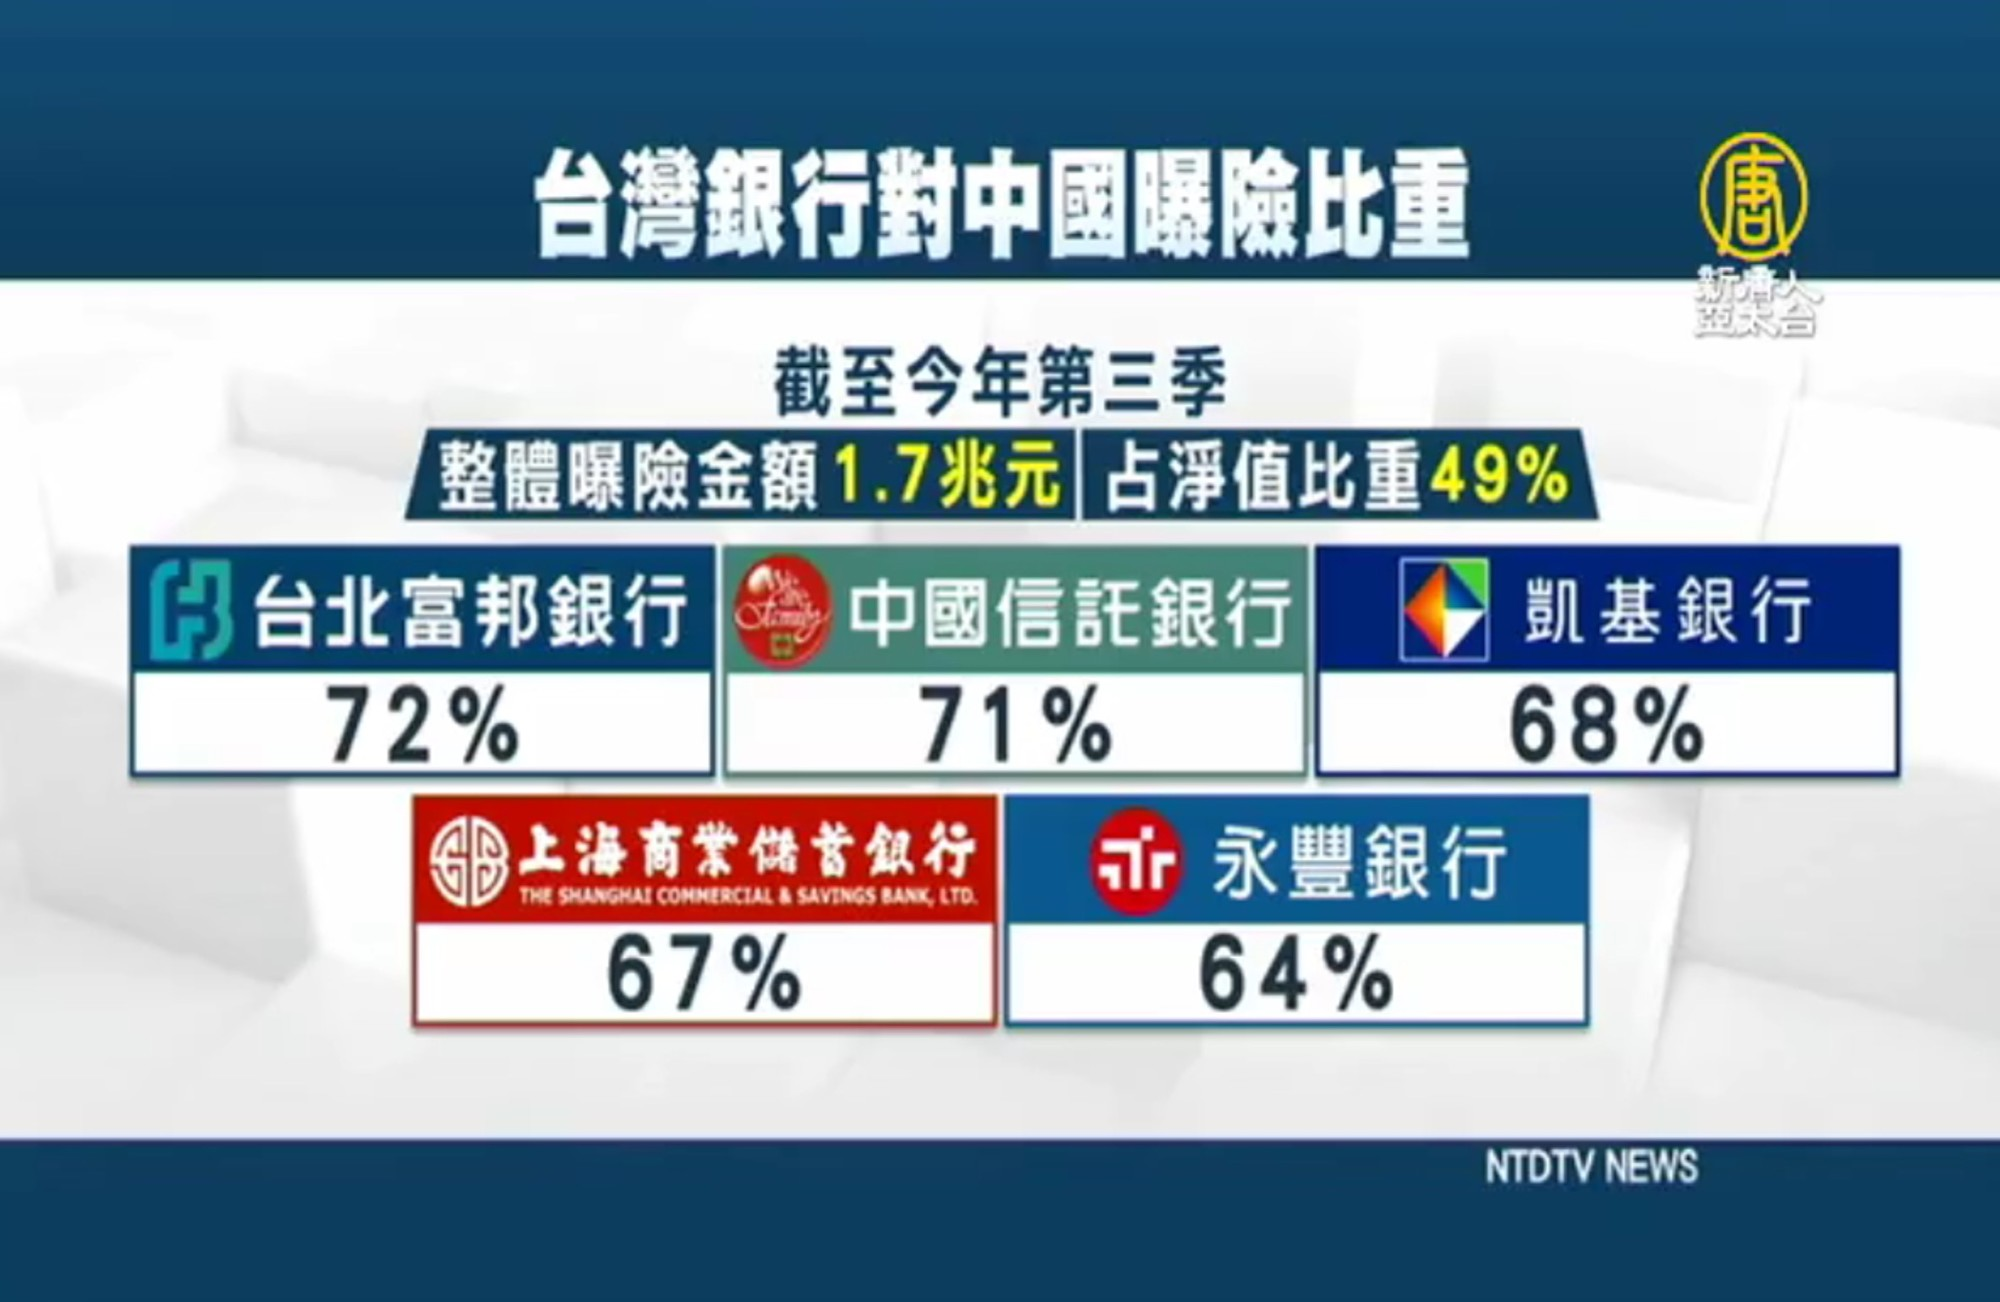 中國債務違約惡化 台11銀行聯合貸款中企踩雷